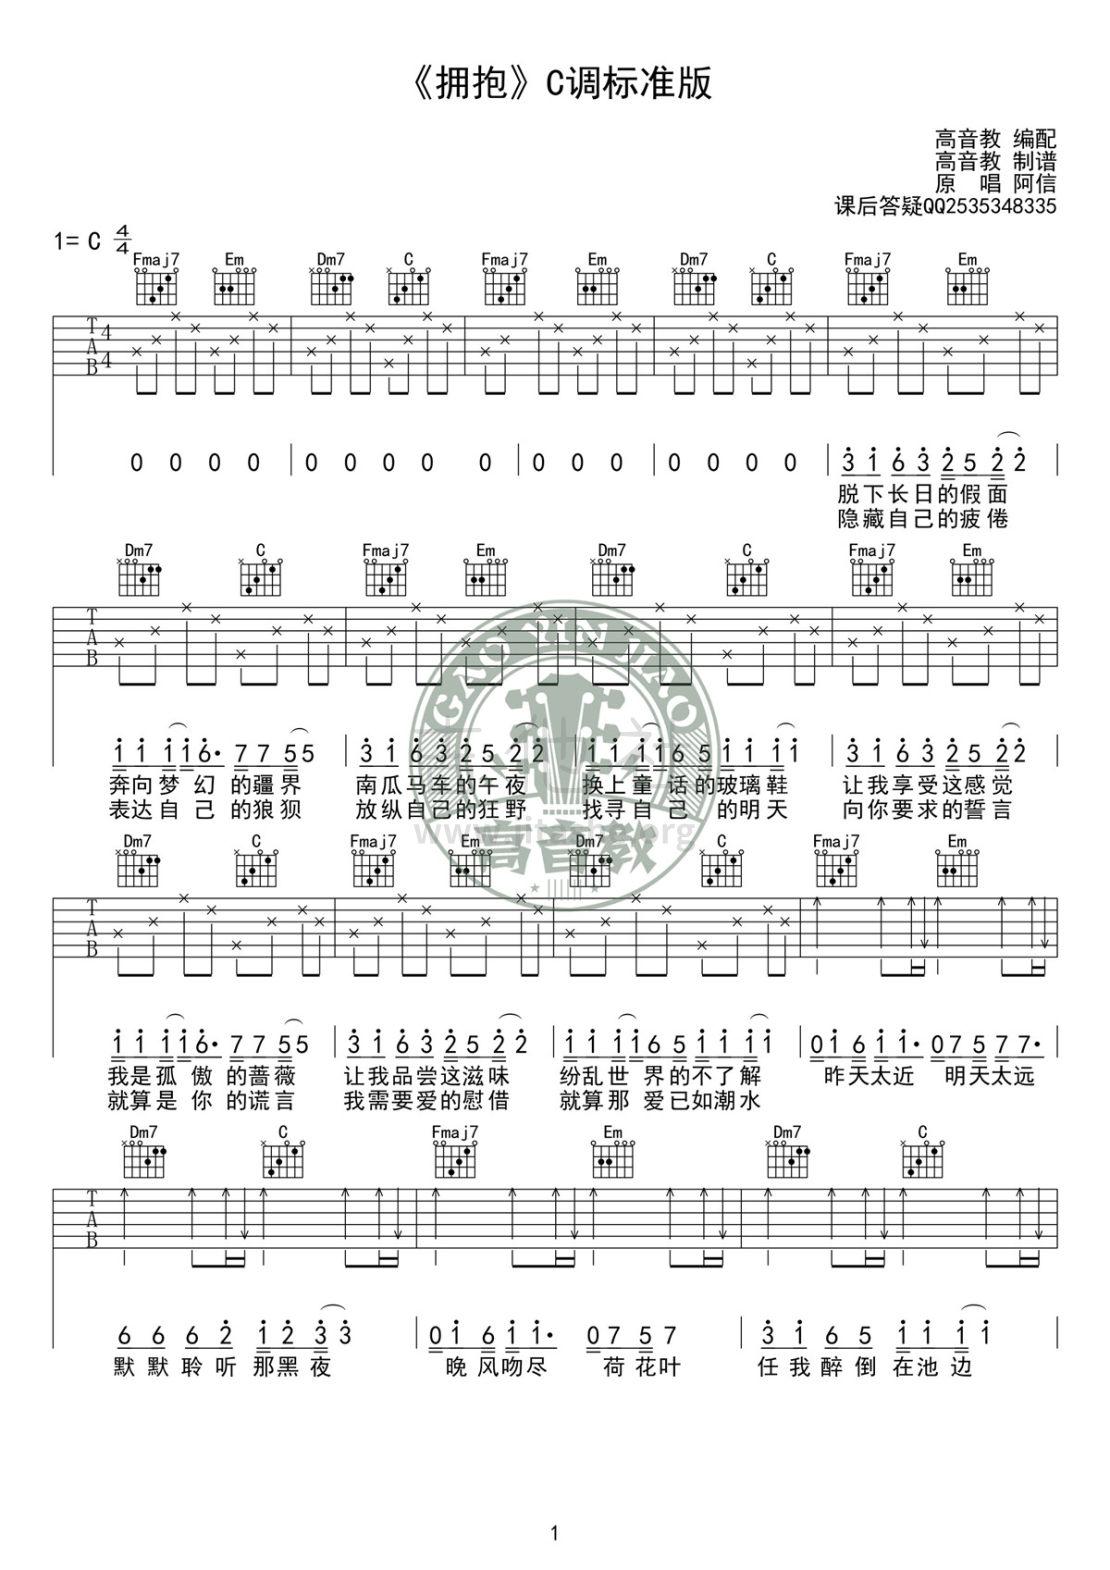 拥抱(C调标准版吉他谱高清版 高音教编配)吉他谱(图片谱,C调,弹唱)_五月天(Mayday)_吉他谱《拥抱》C调标准版01.jpg